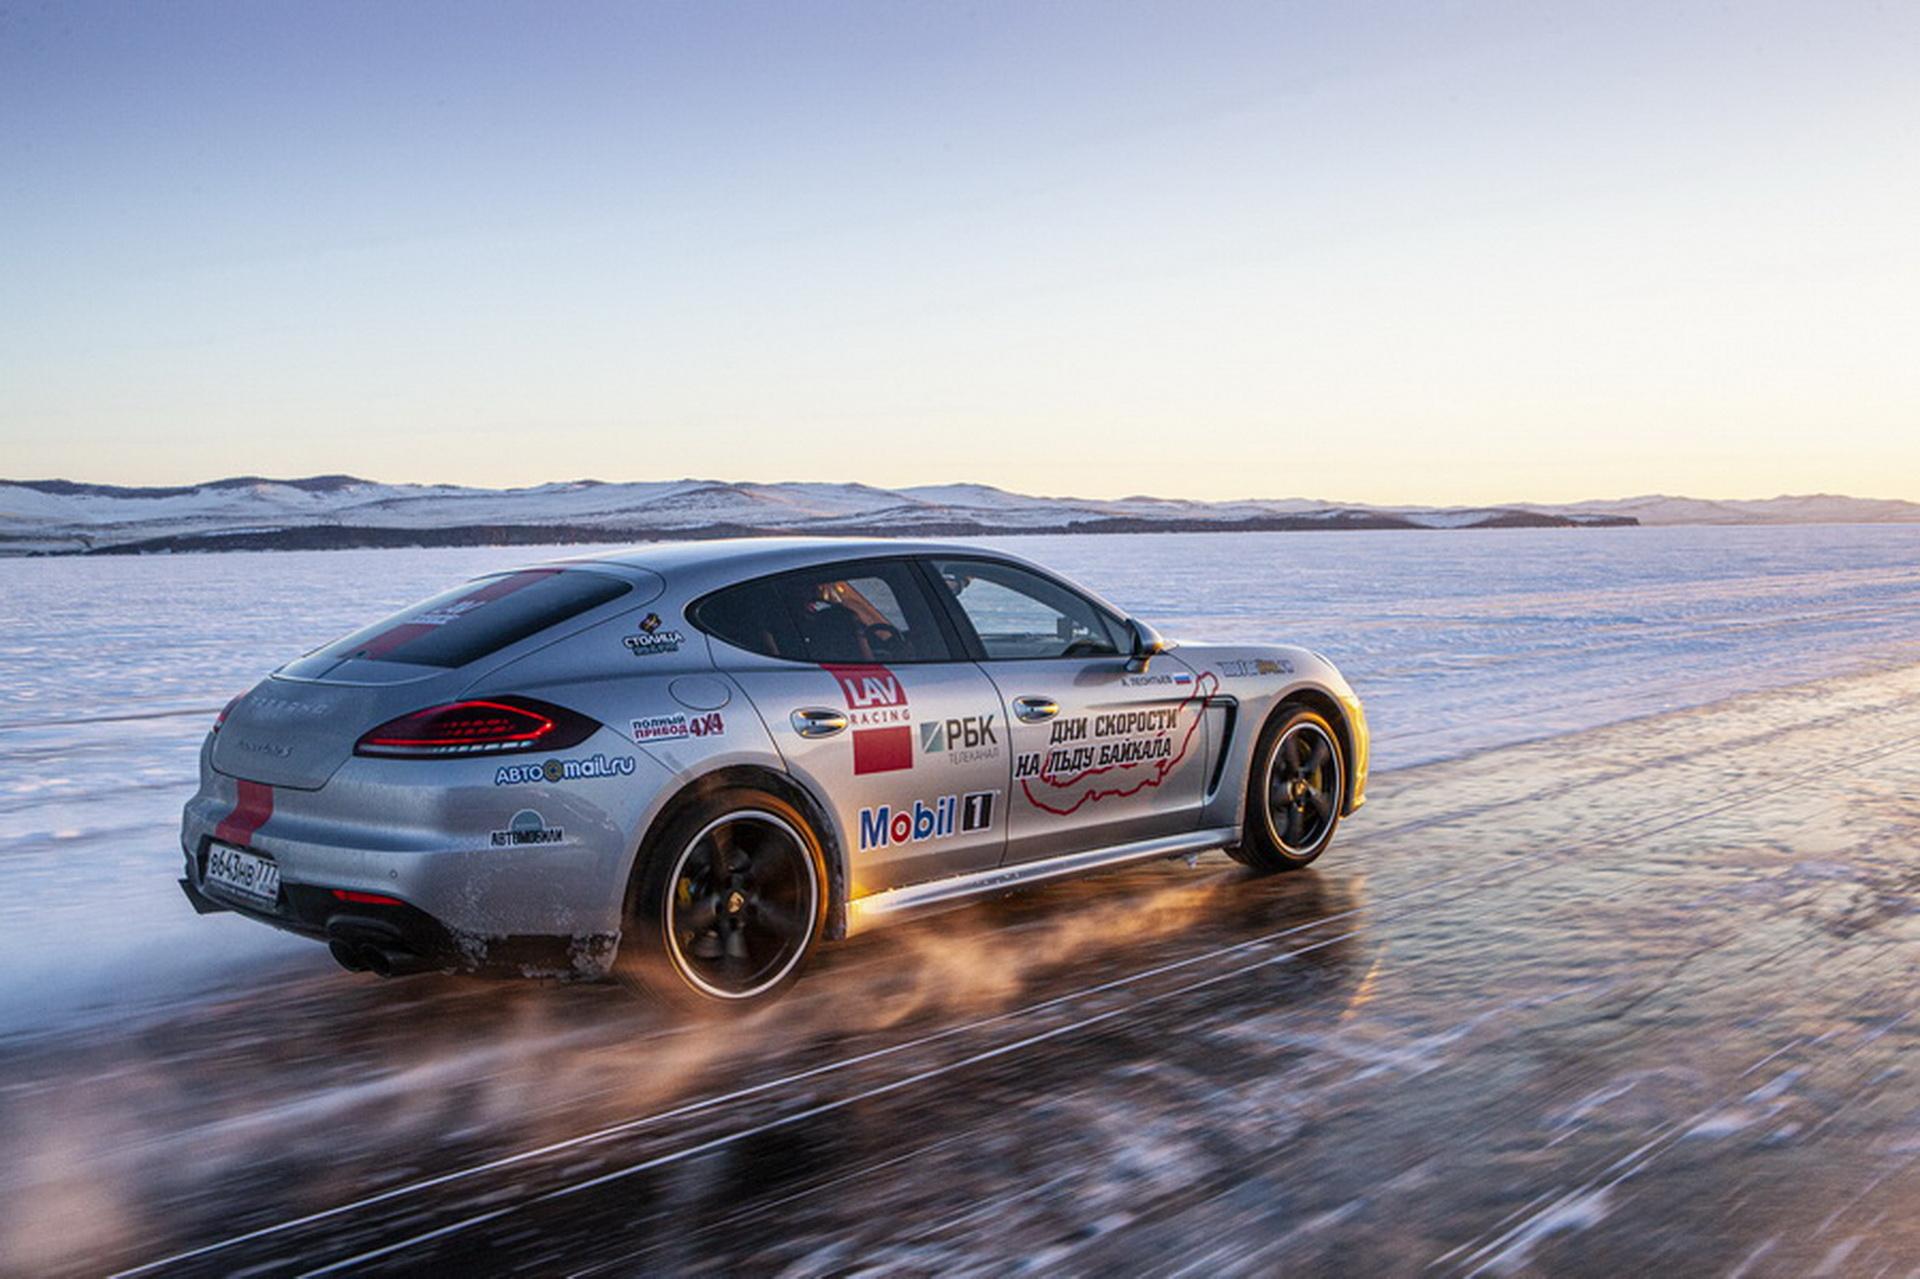 Концерн Continental поддерживает фото-выставку_Дни скорости на льду Байкала